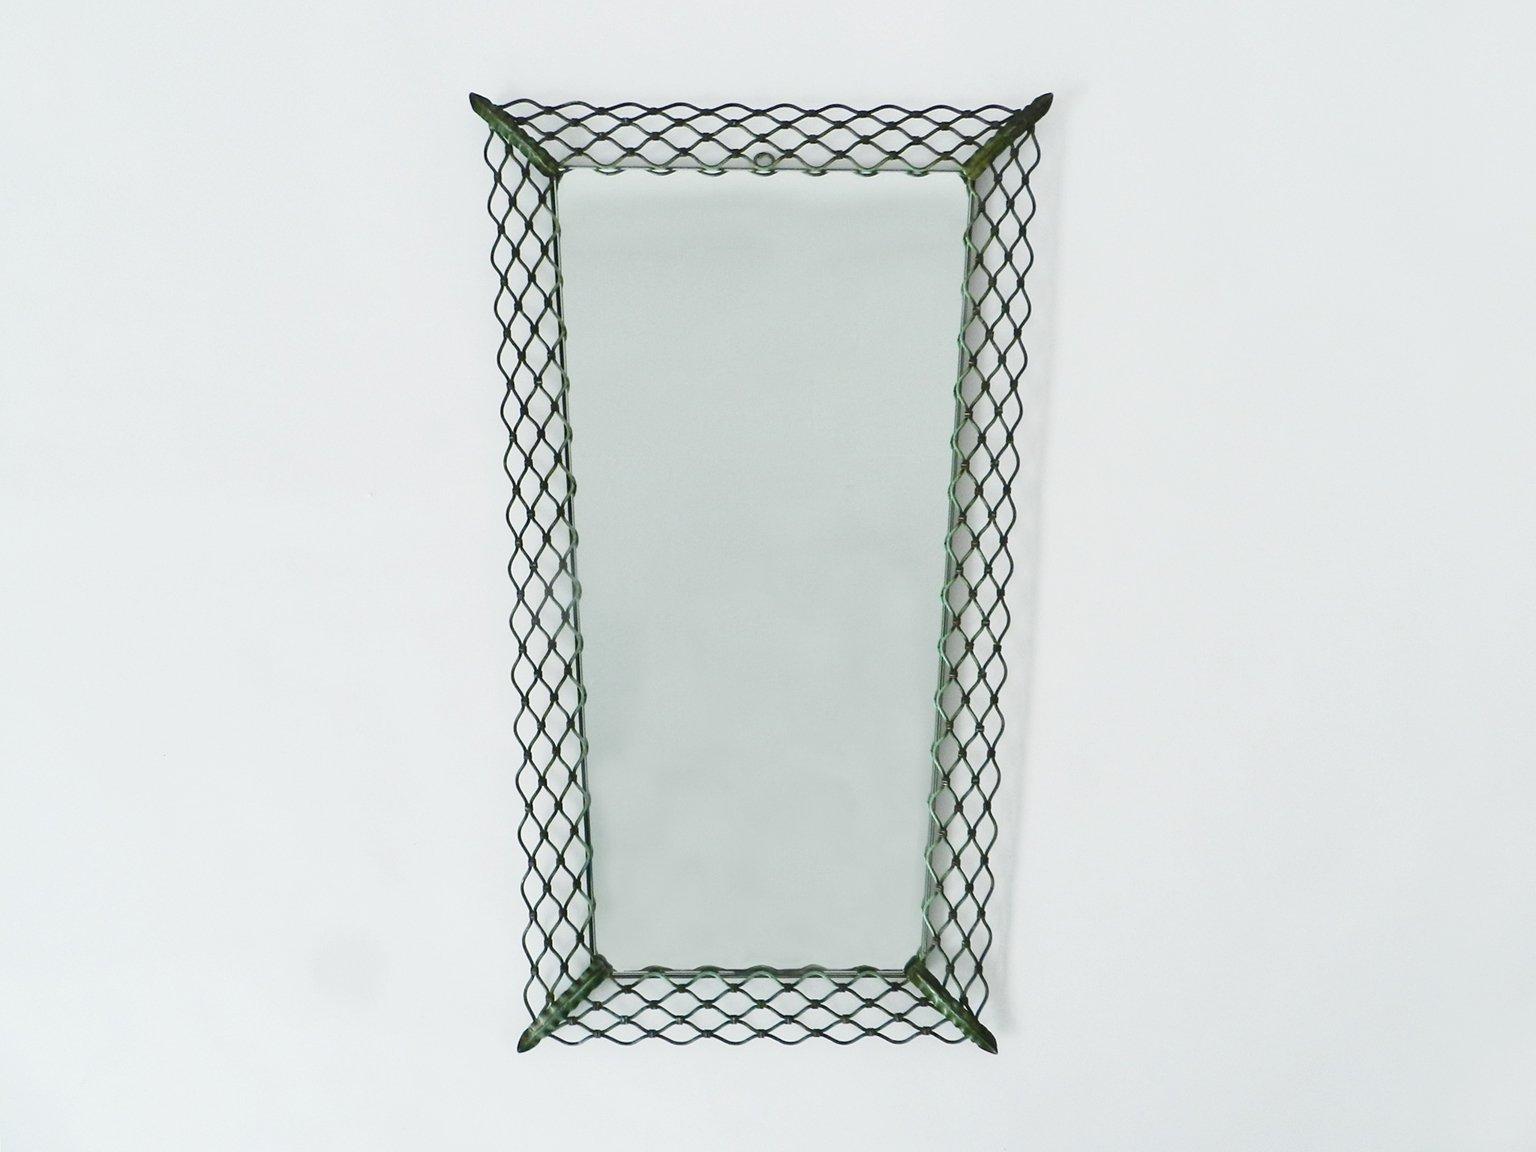 italienischer vintage spiegel mit metallrahmen bei pamono kaufen. Black Bedroom Furniture Sets. Home Design Ideas